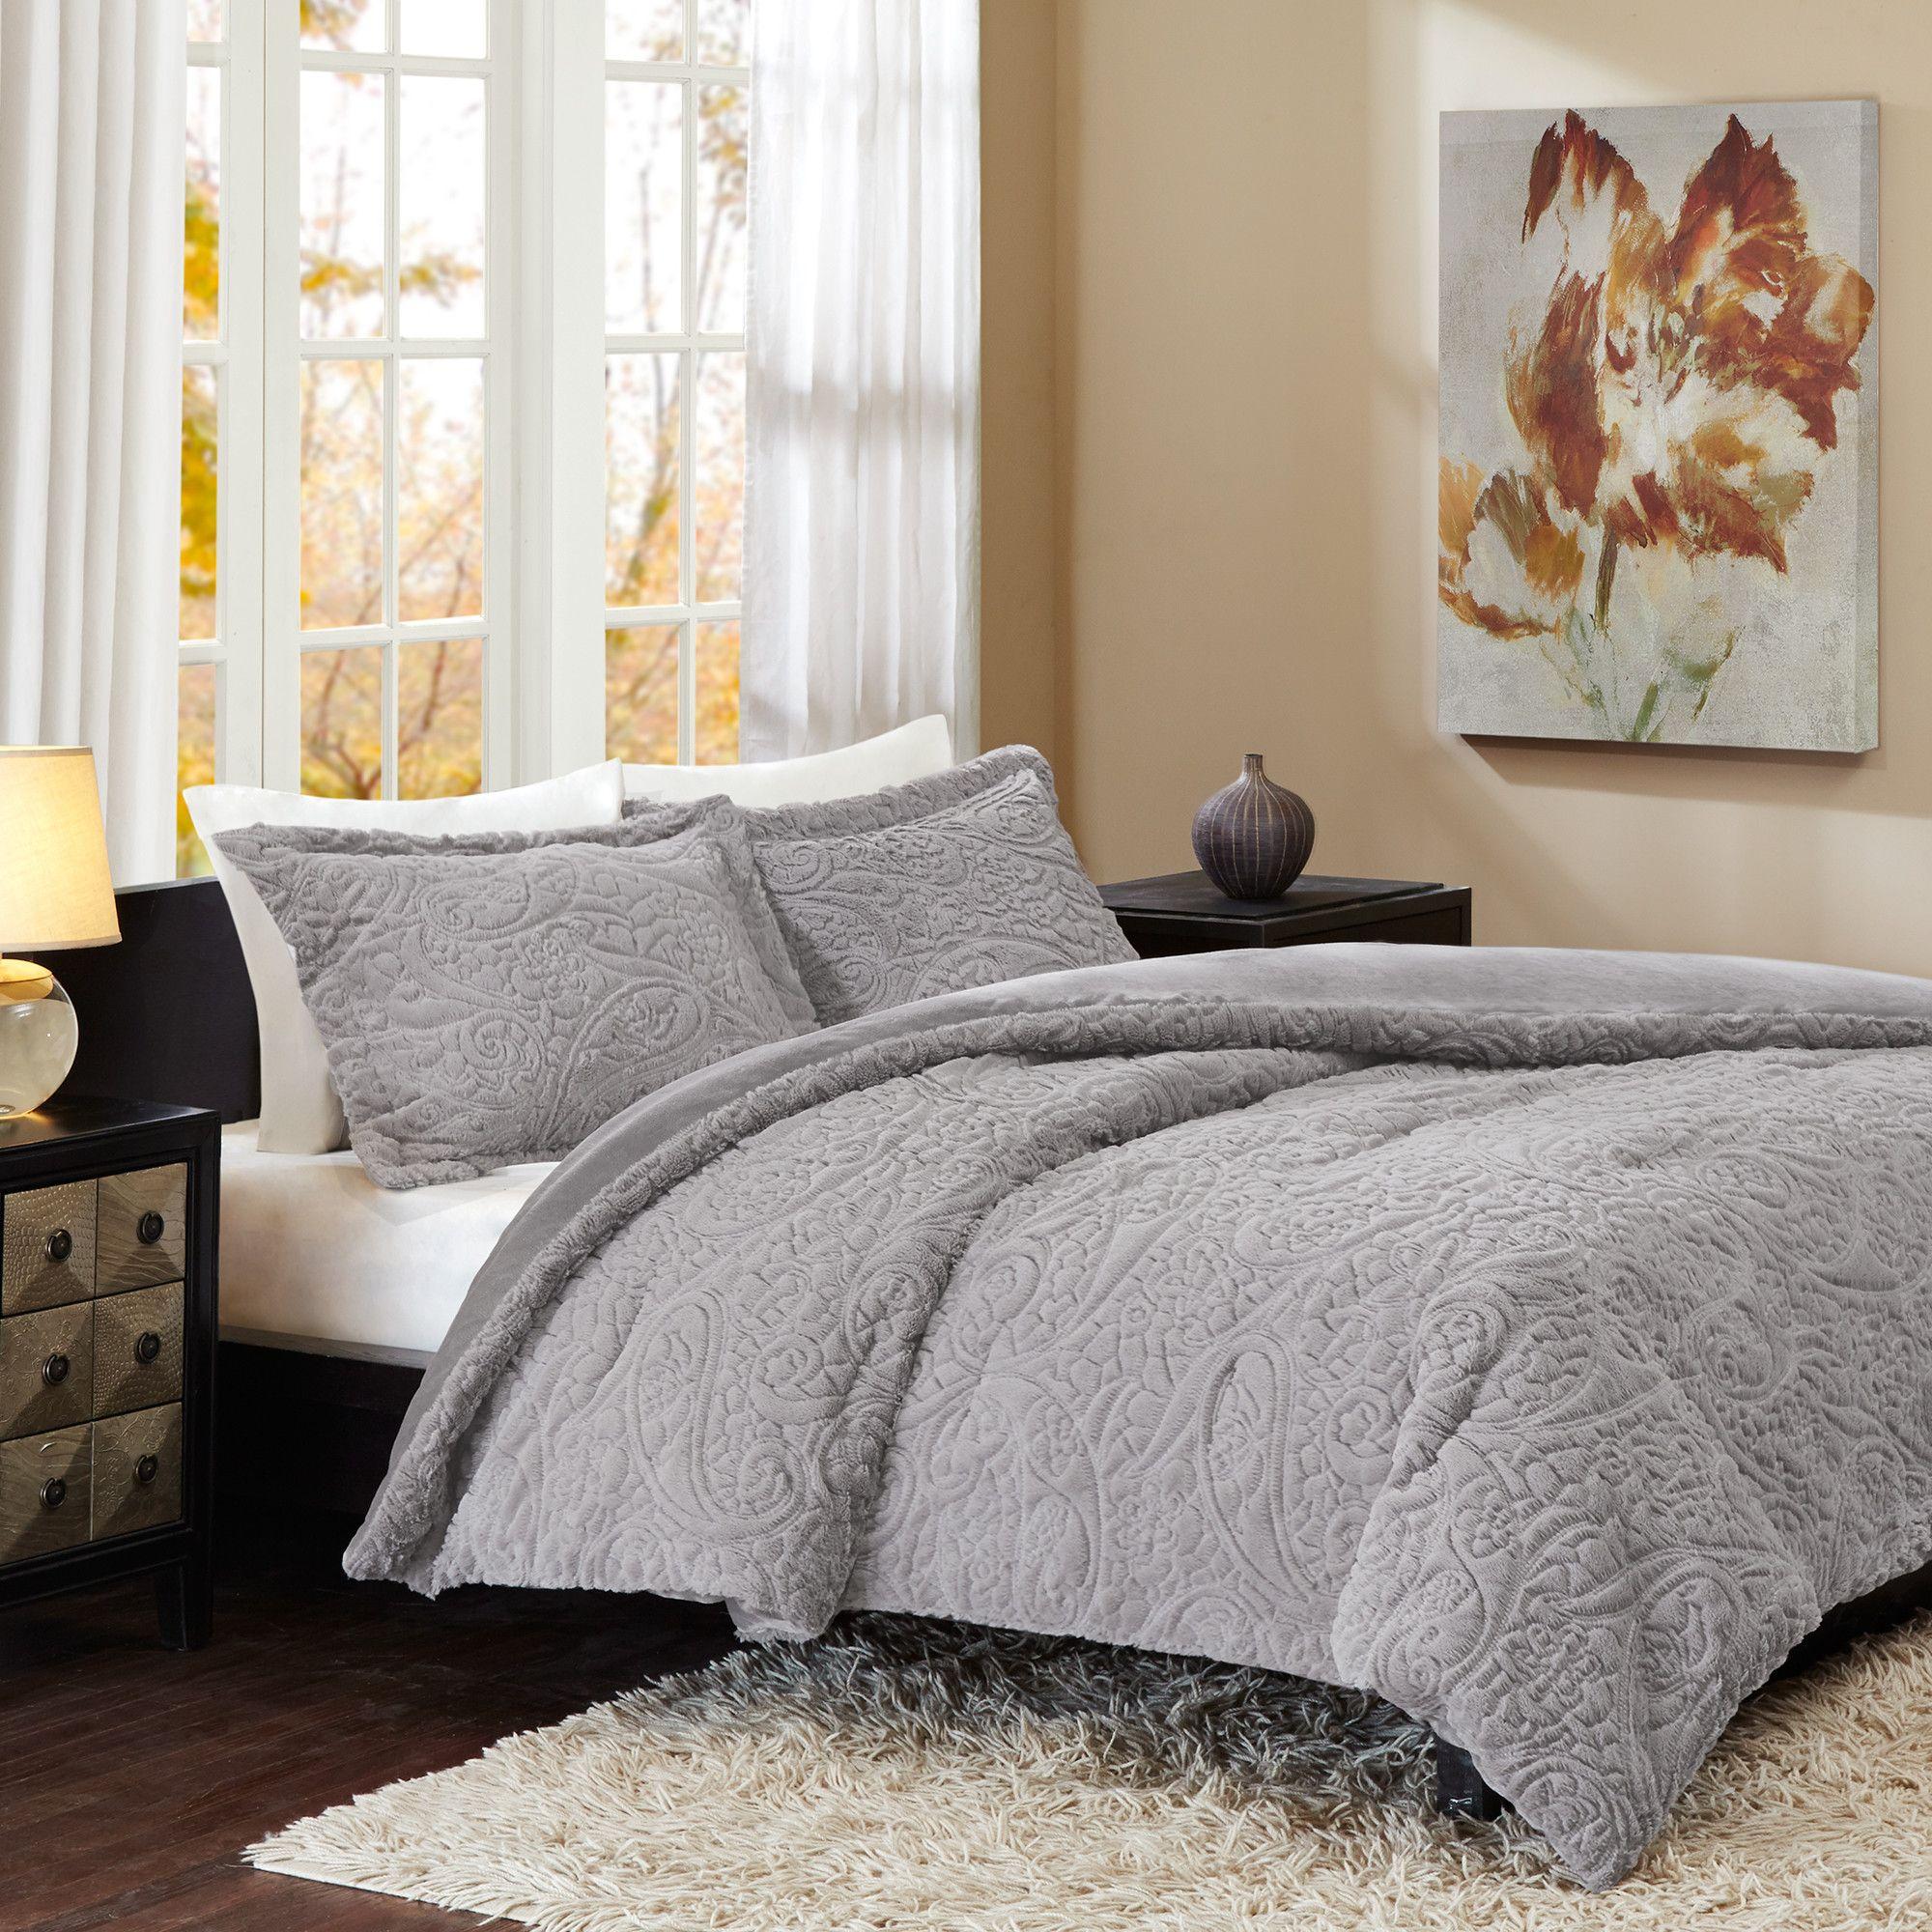 aaf04e0225 Nora Comforter Set   Room   Comforter sets, Comforters, Fur comforter